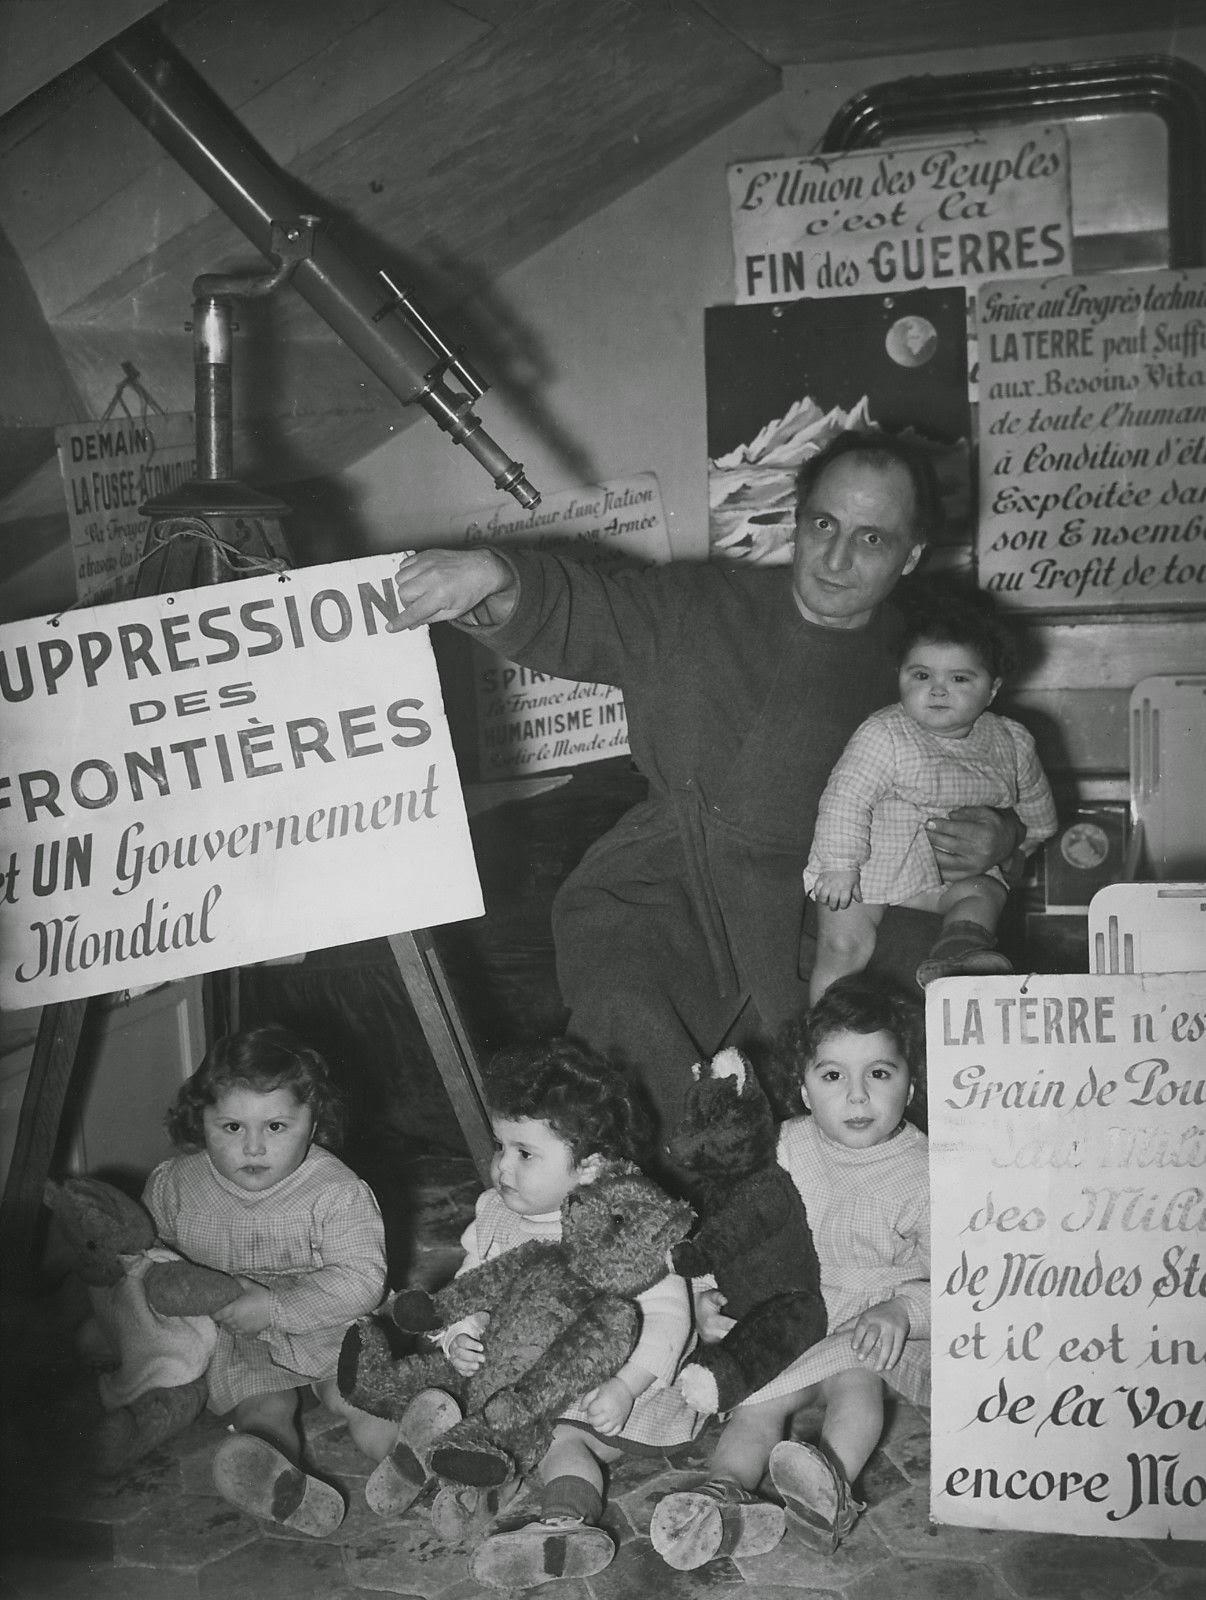 Pierre Salkazanov a la izquierda en la imagen, junto a su padre y sus hermanos en la buhardilla en la que vivía en la calle de Sèvres en París a comienzos de los años 50